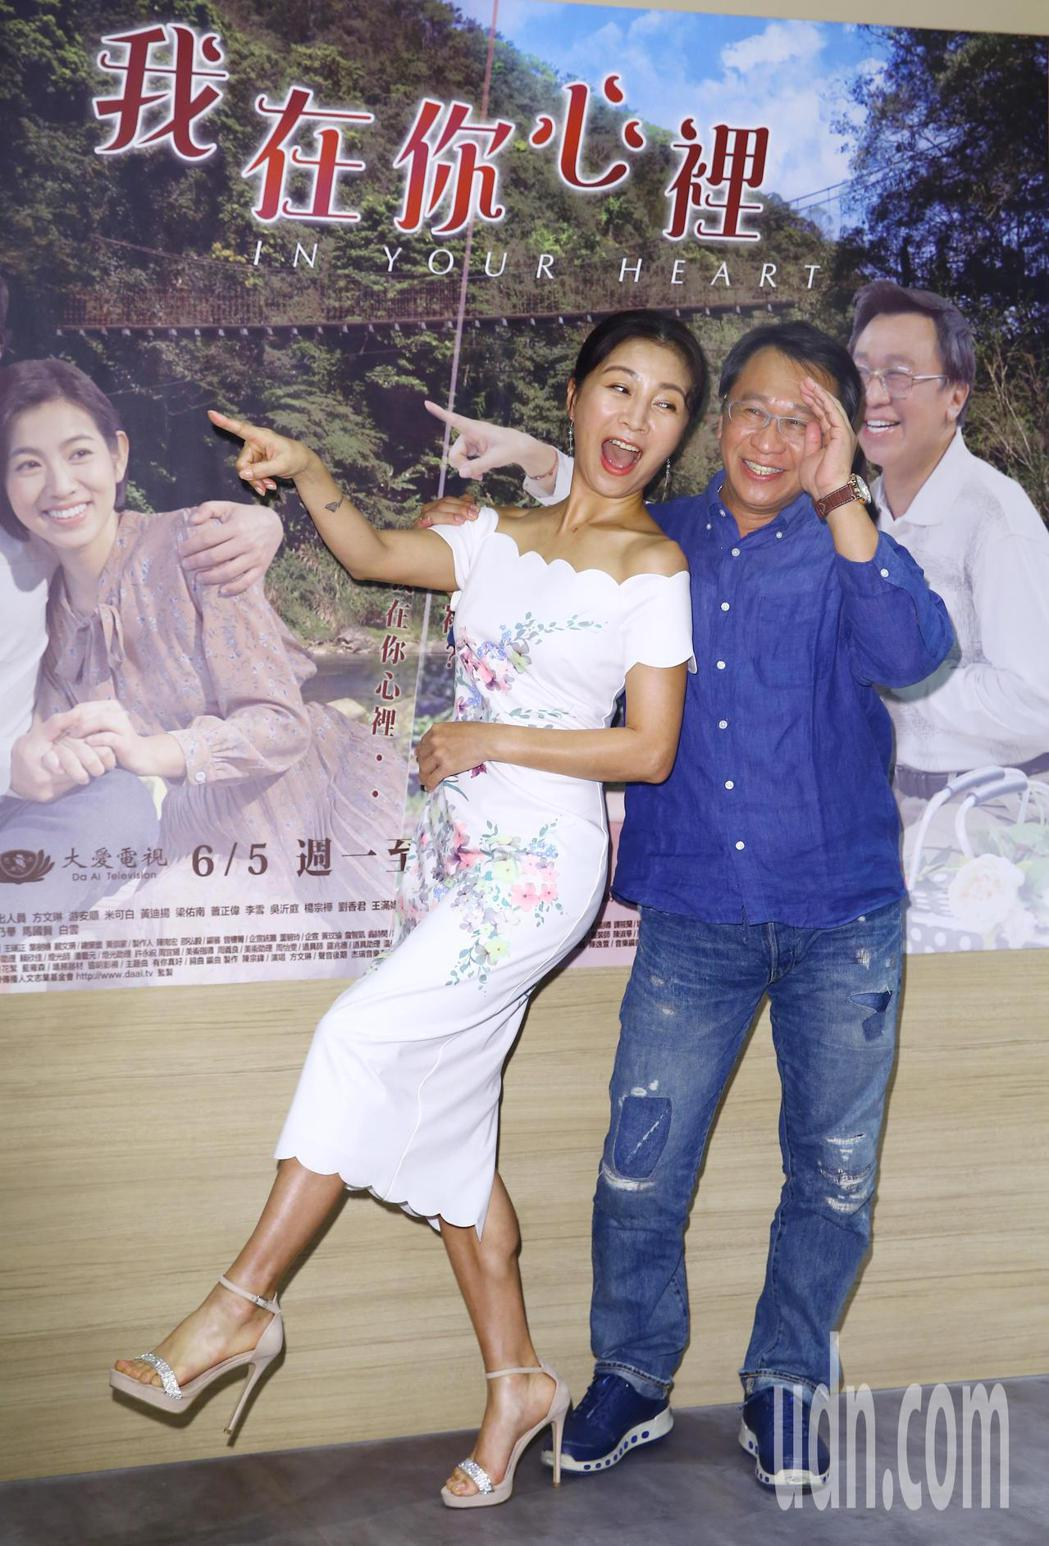 方文琳(左)在大愛劇場「我在你心裡」劇中與游安順(右)飾演一對夫妻。記者杜建重/...